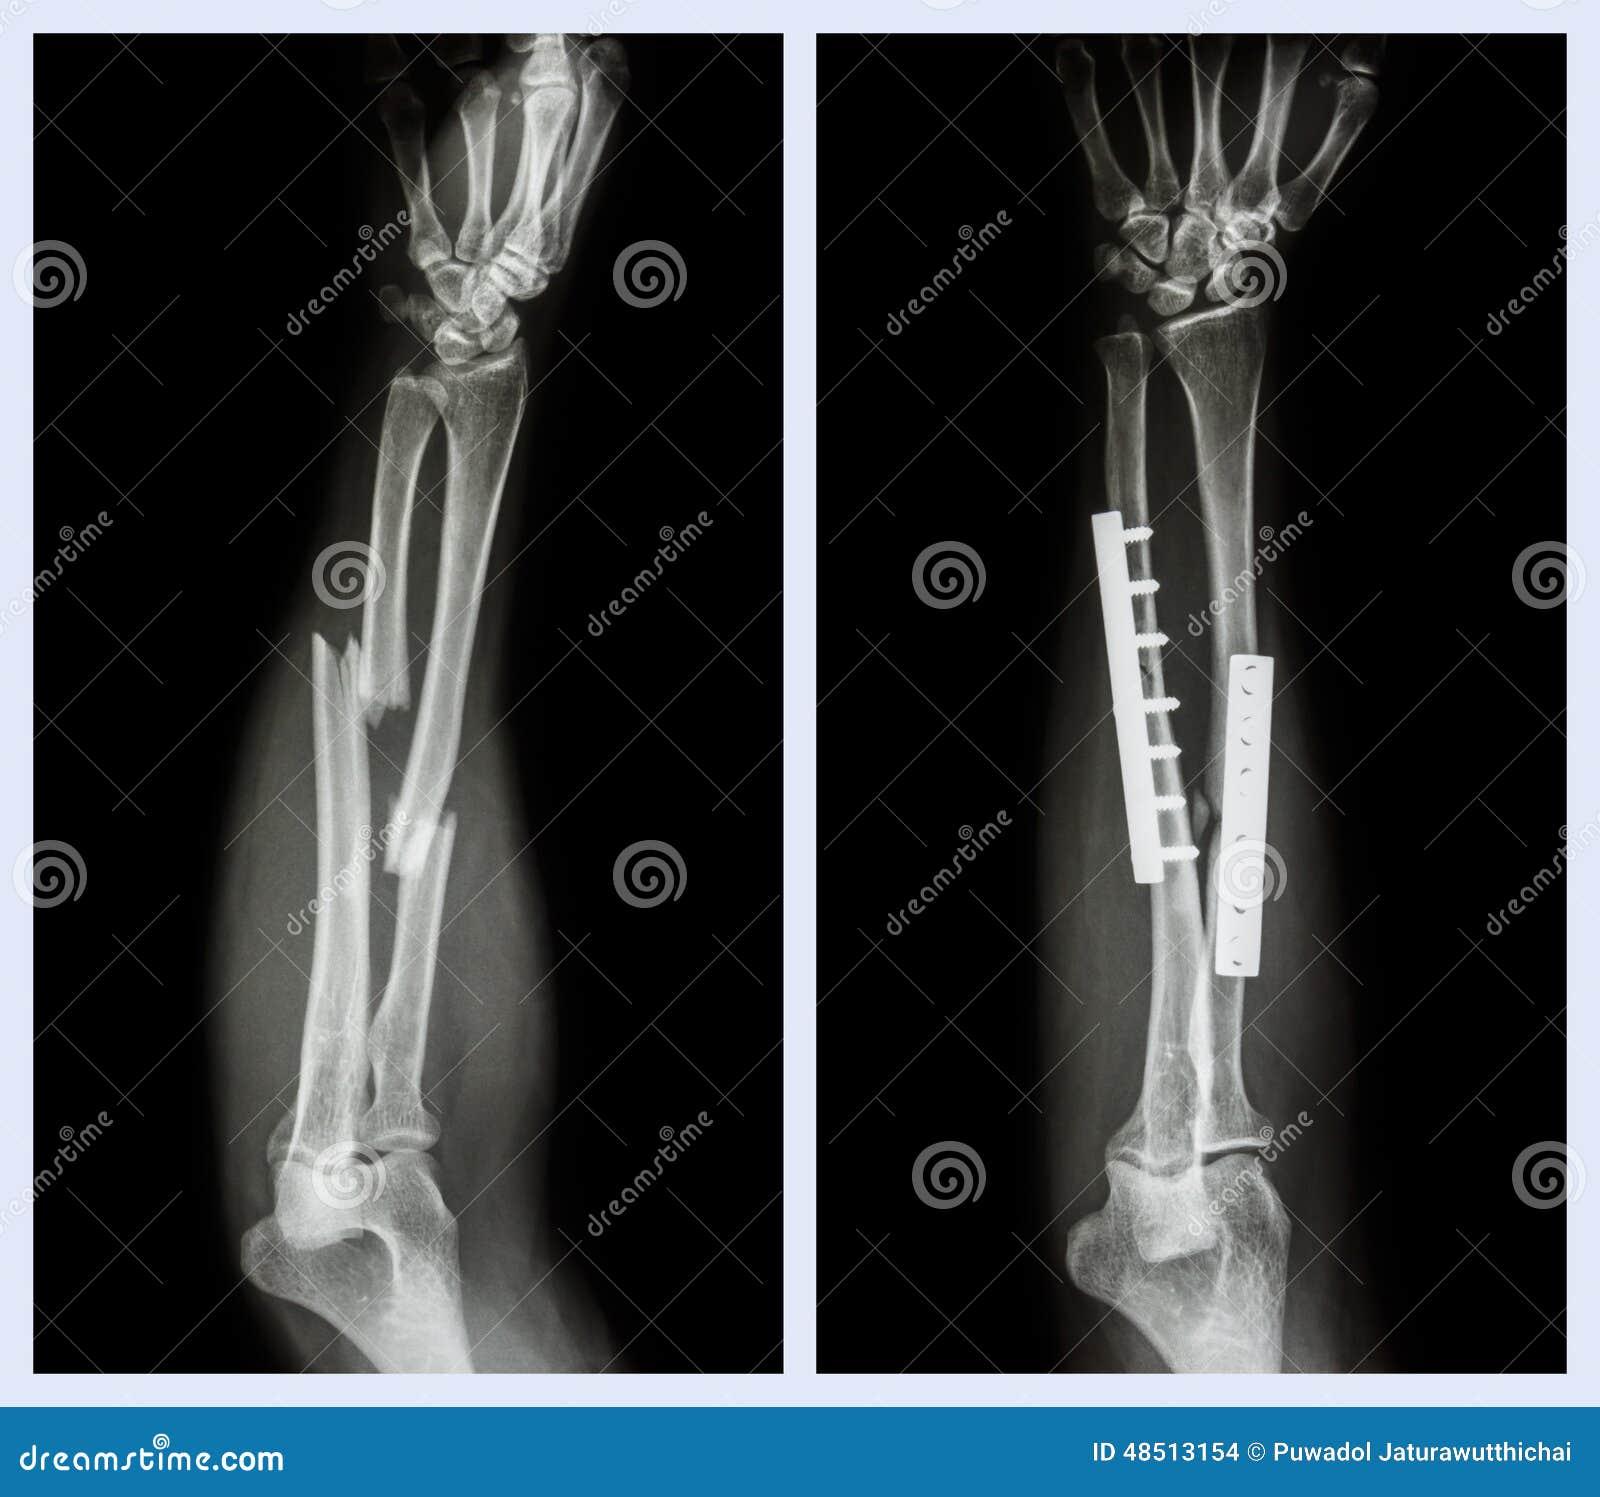 Breuk beide been van voorarm Het werd in werking gesteld en intern vast met plaat en schroef